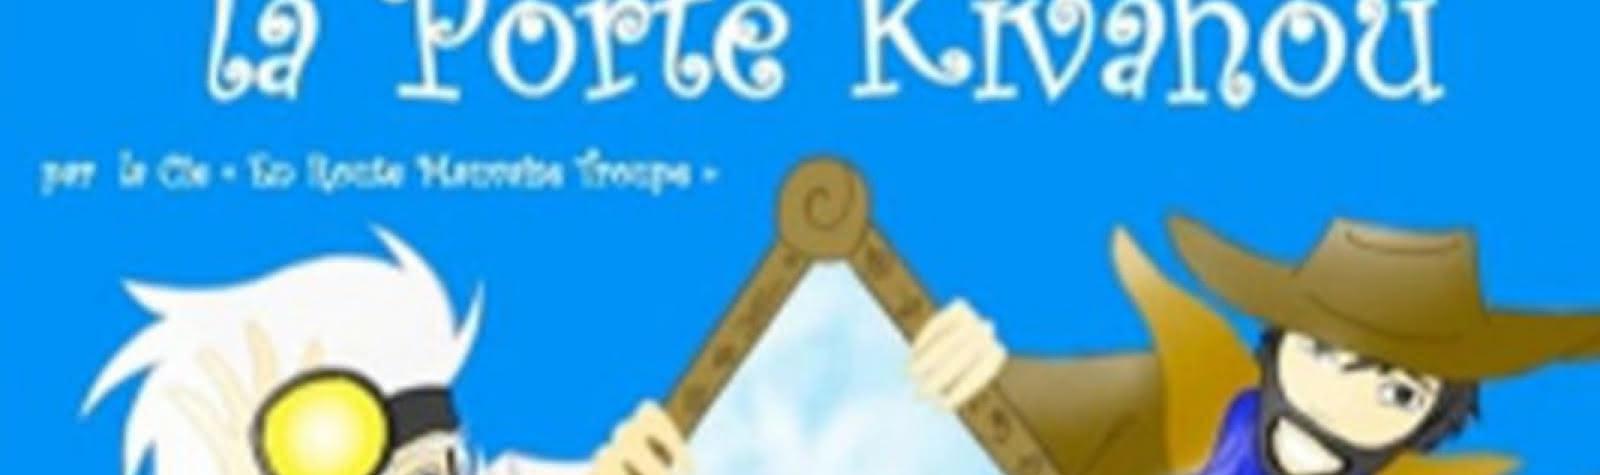 Défonce de rire : Lilou et la porte kivahou